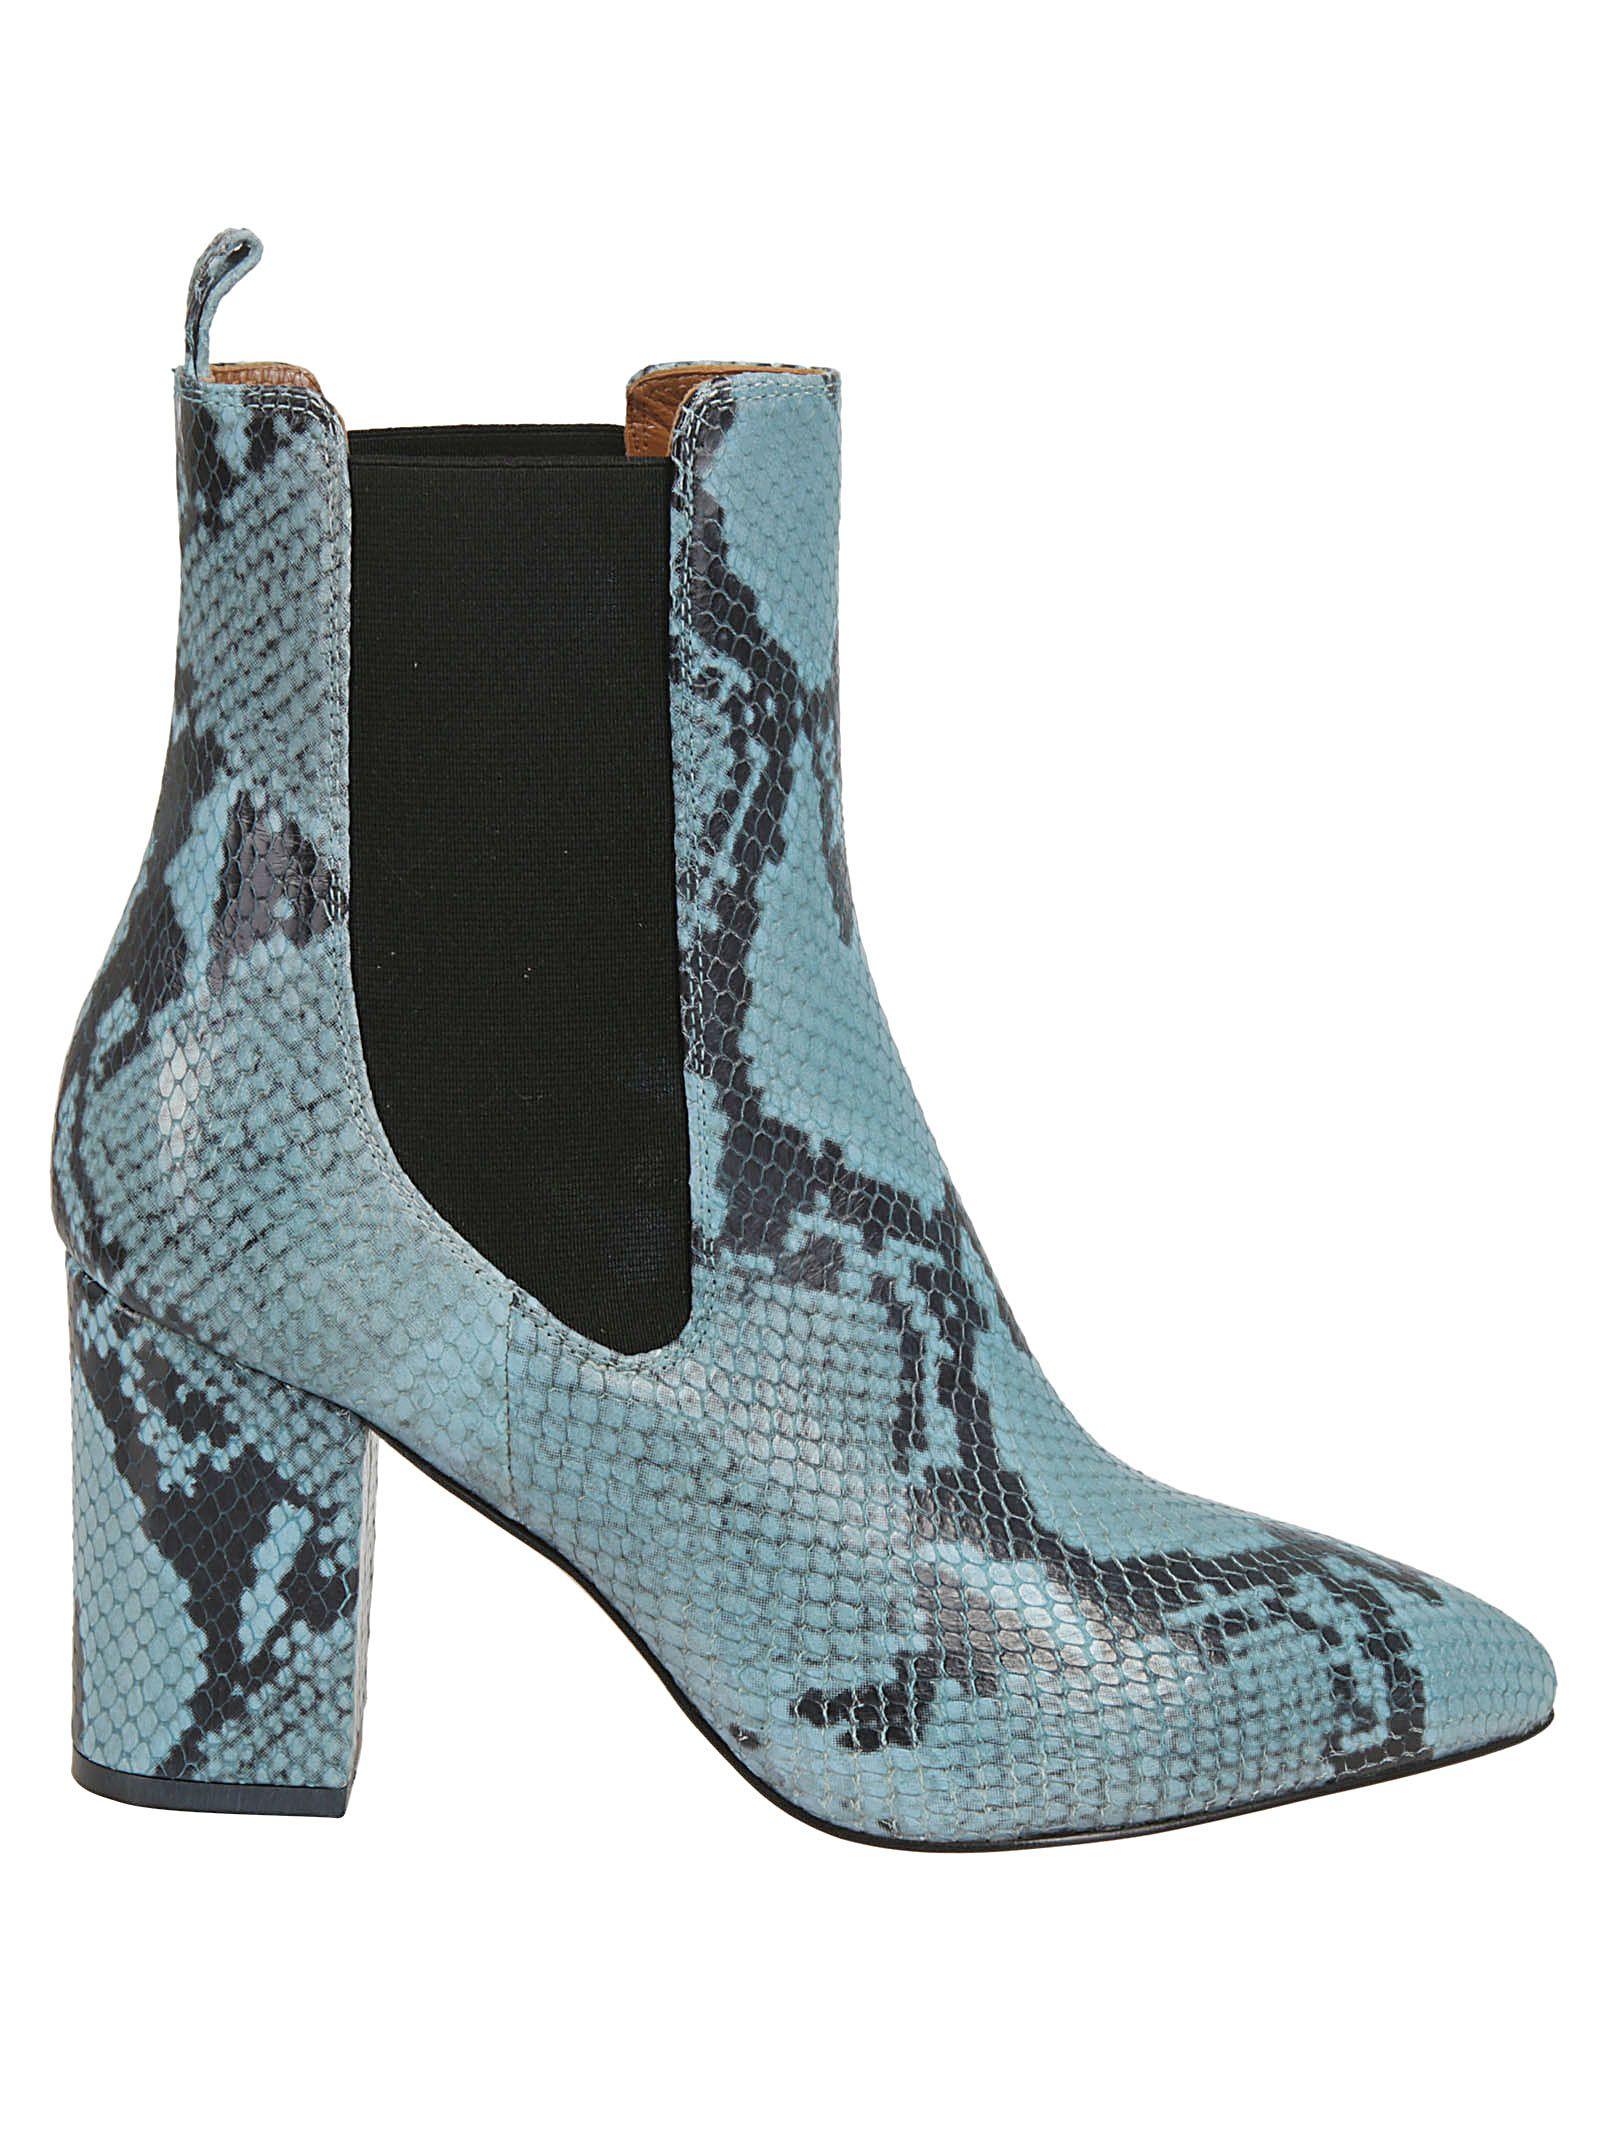 paris texas -  Elasticated Boots